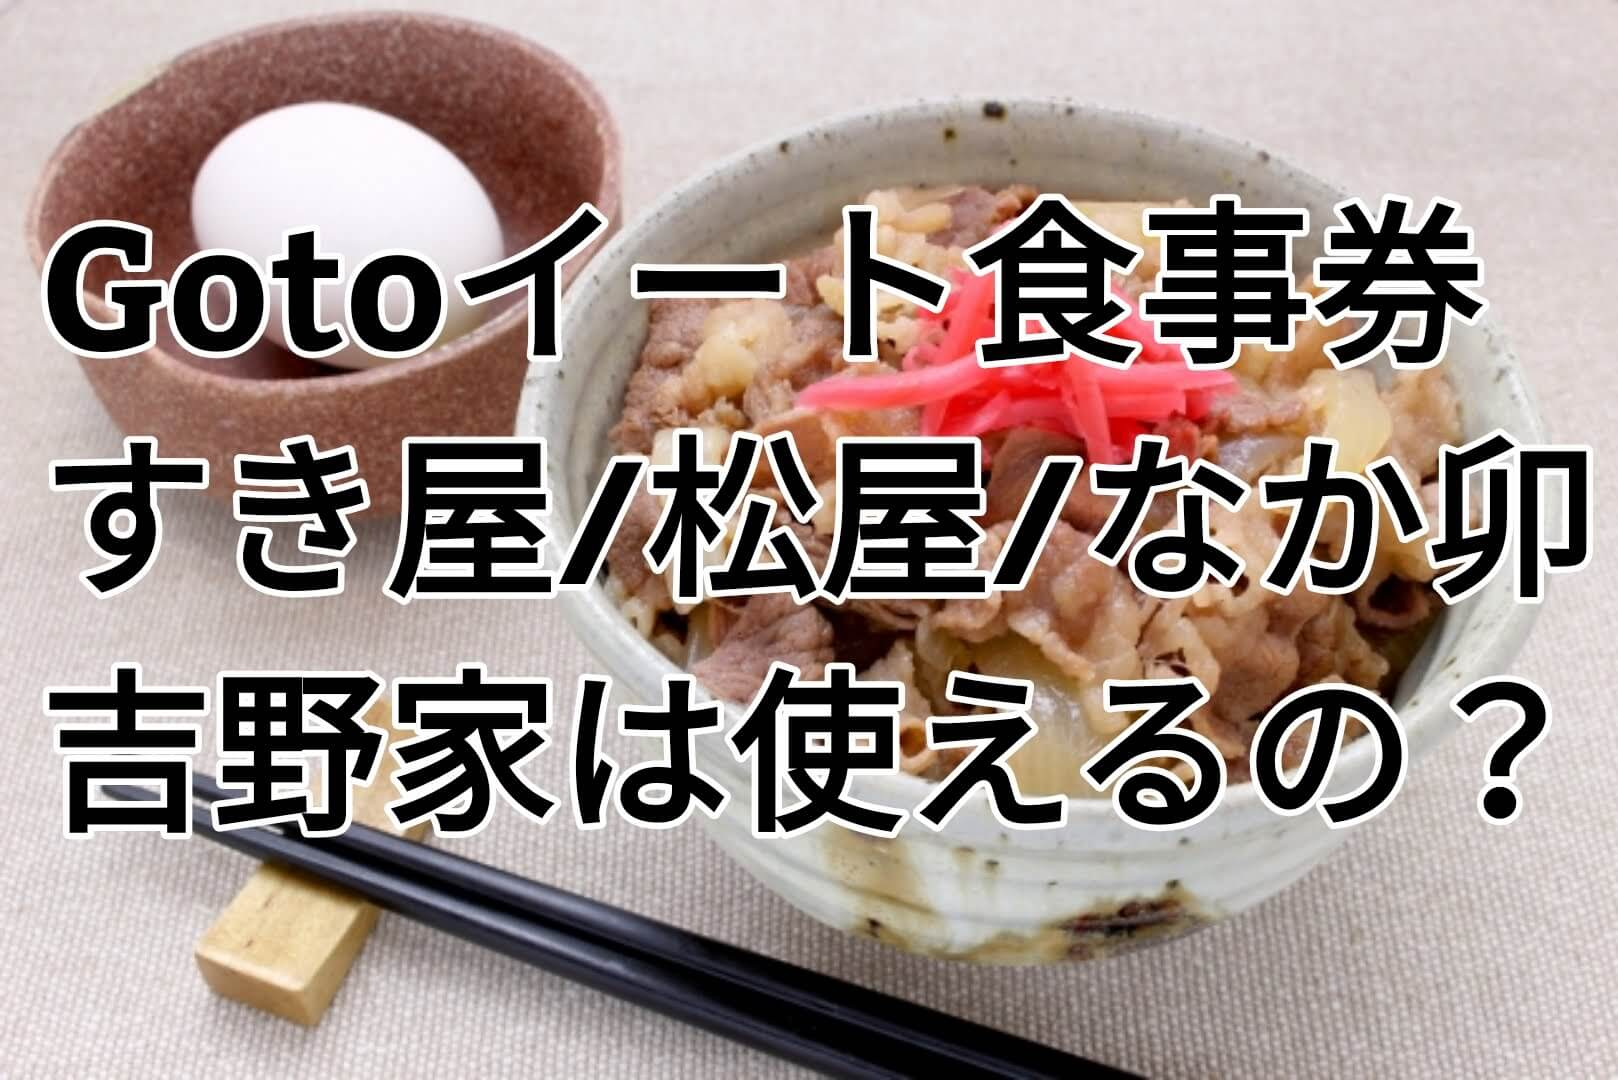 テイクアウト キャンペーン 松屋